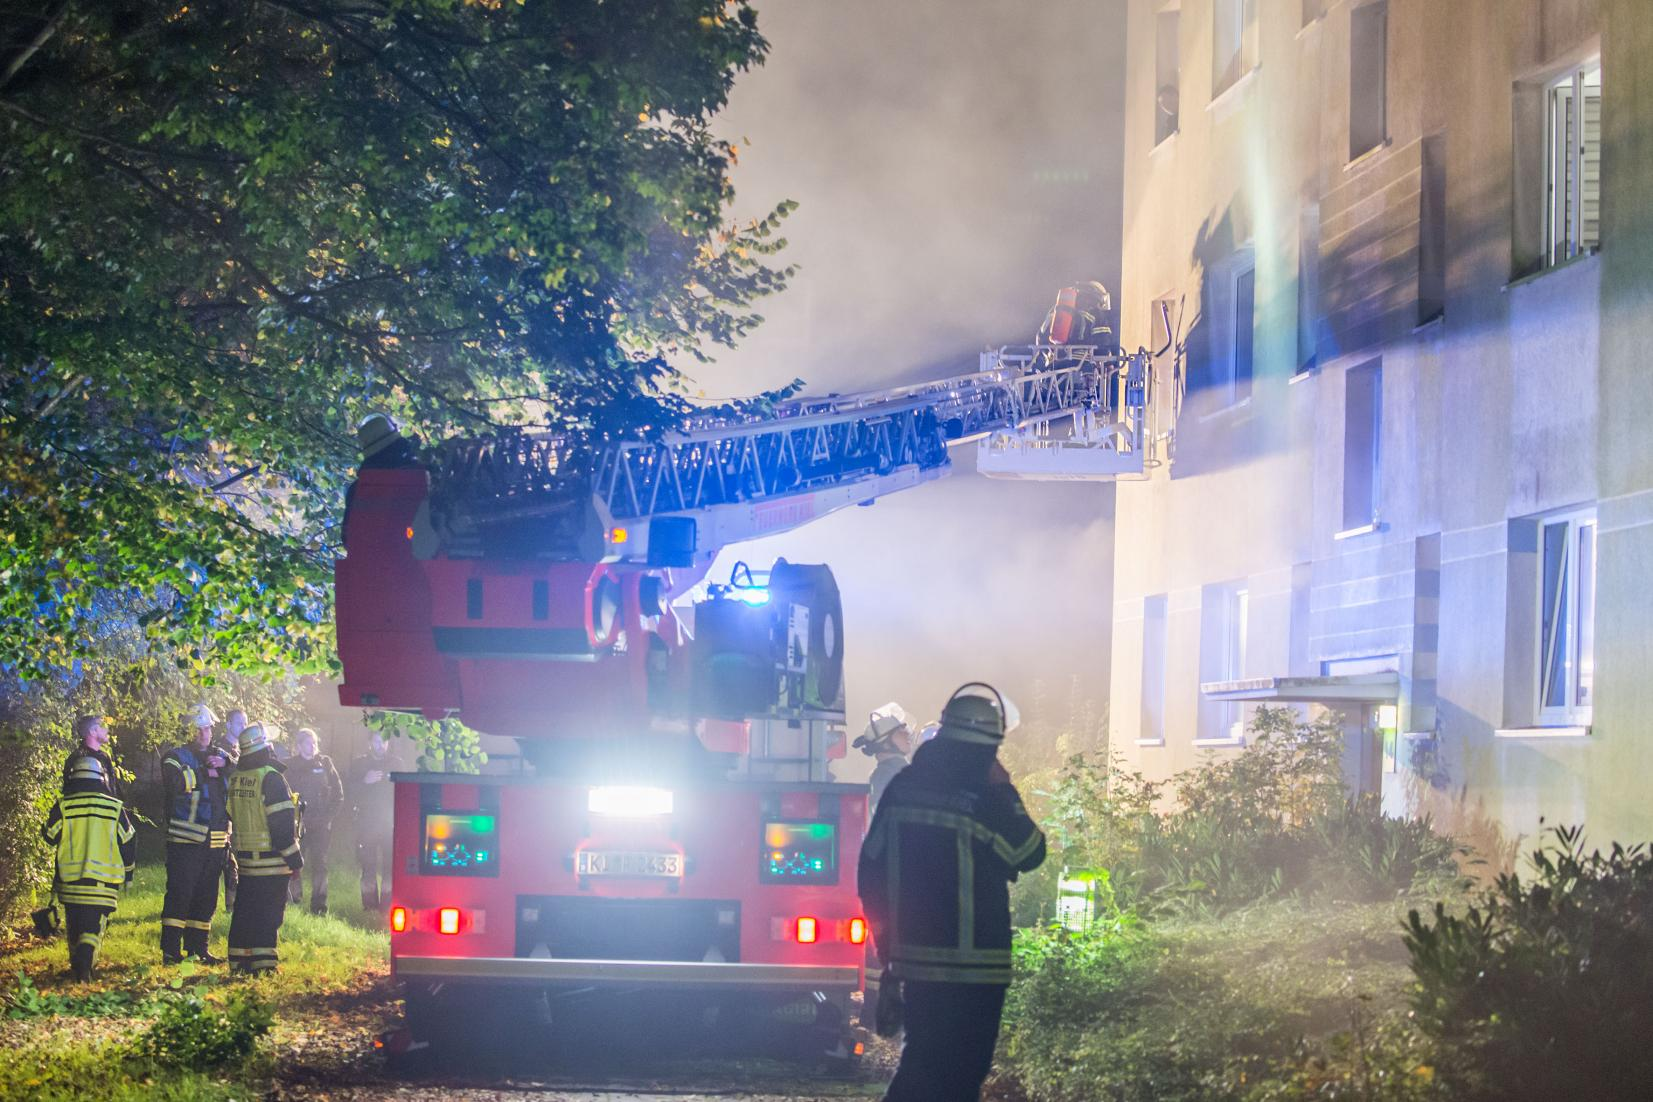 Kellerbrand Feuerwehr Wellingdorf